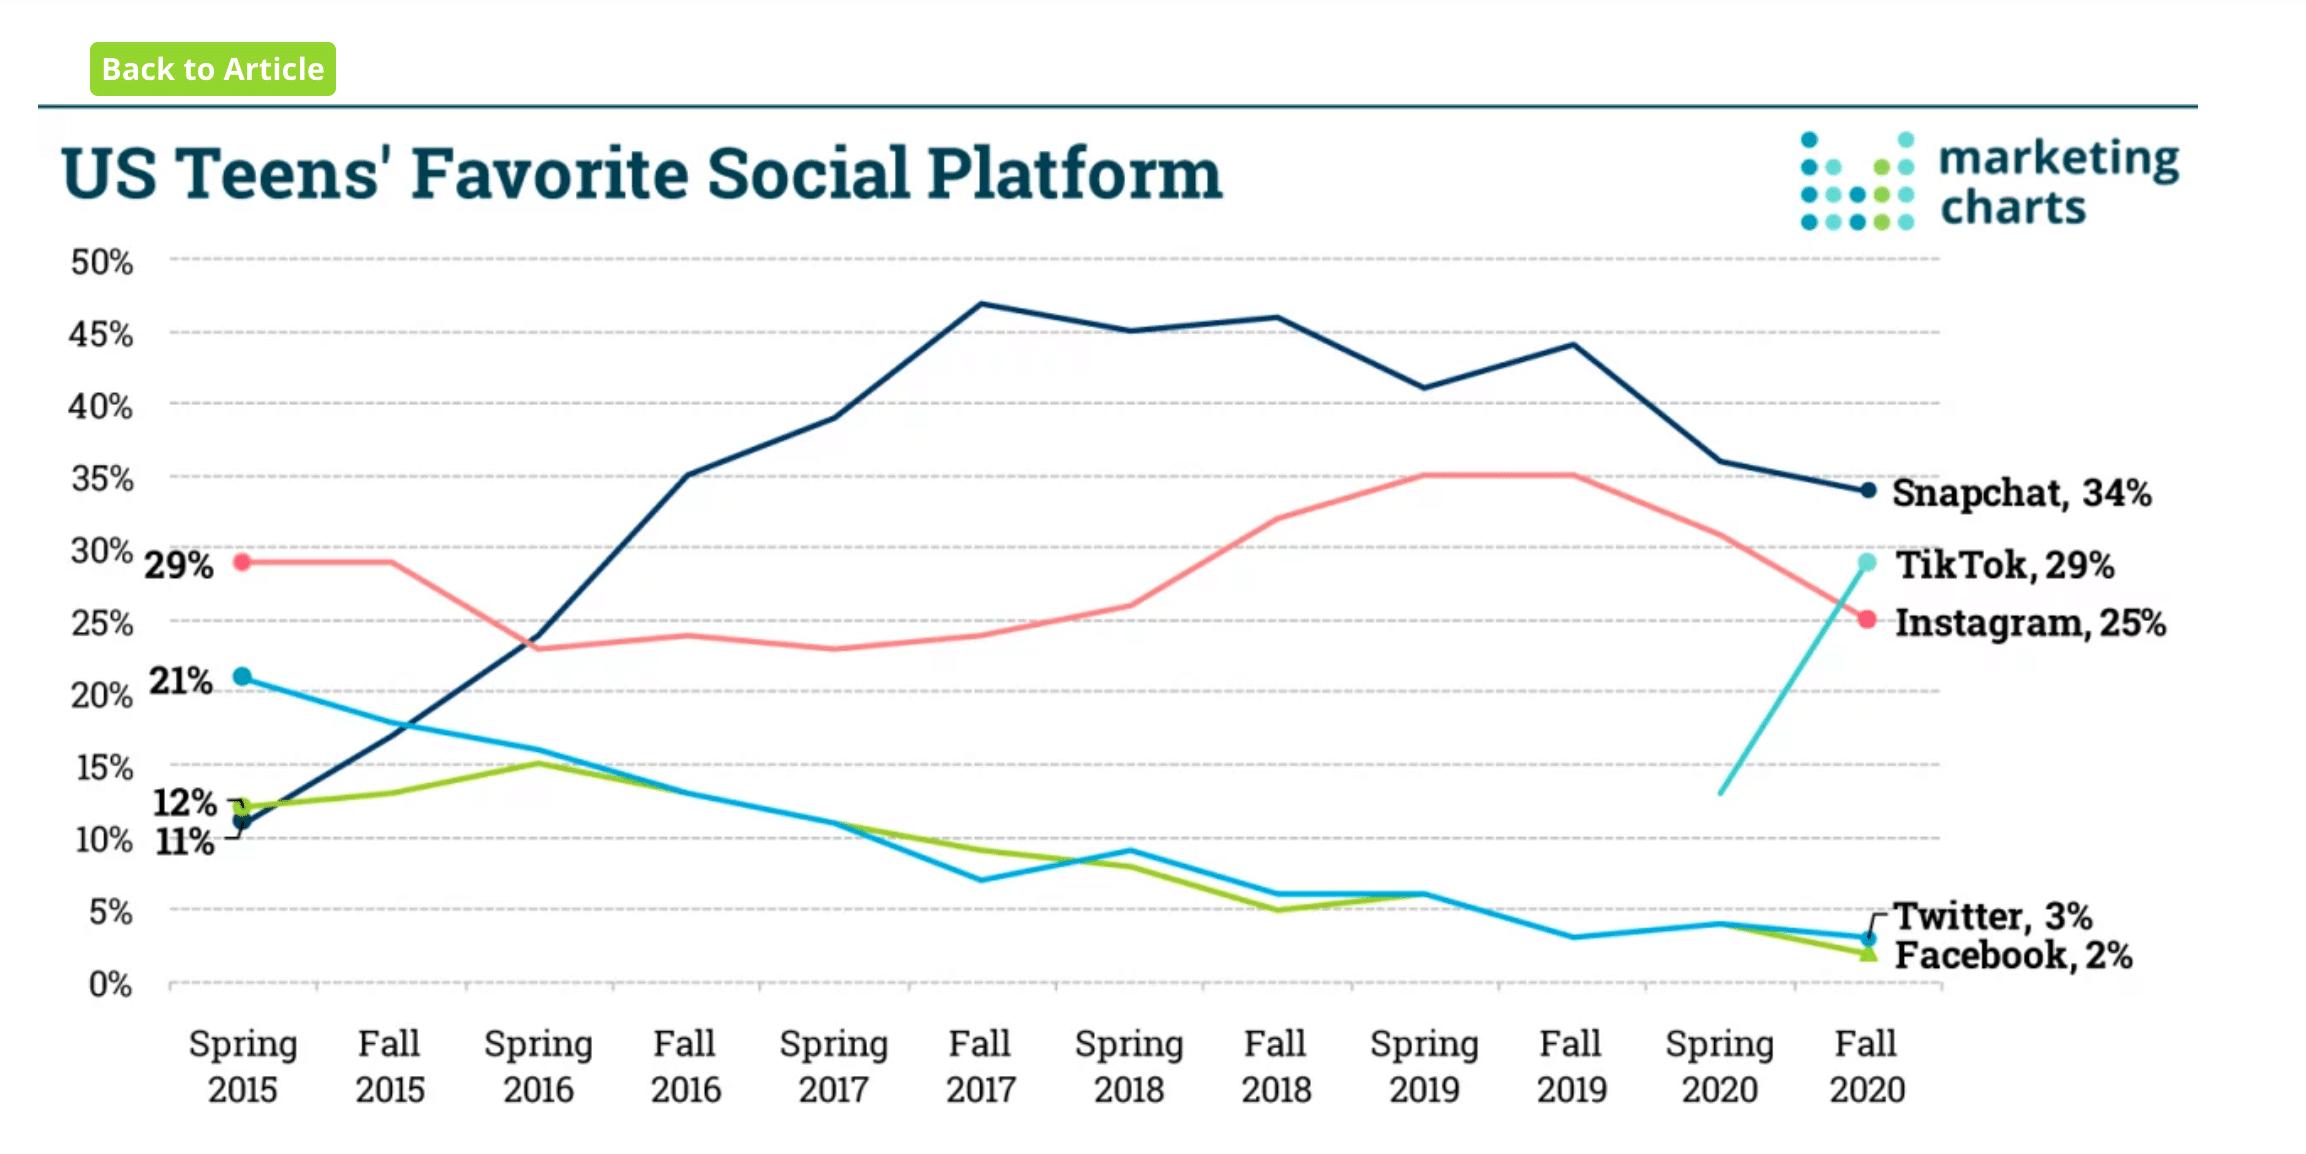 США любимая социальная платформа подростков